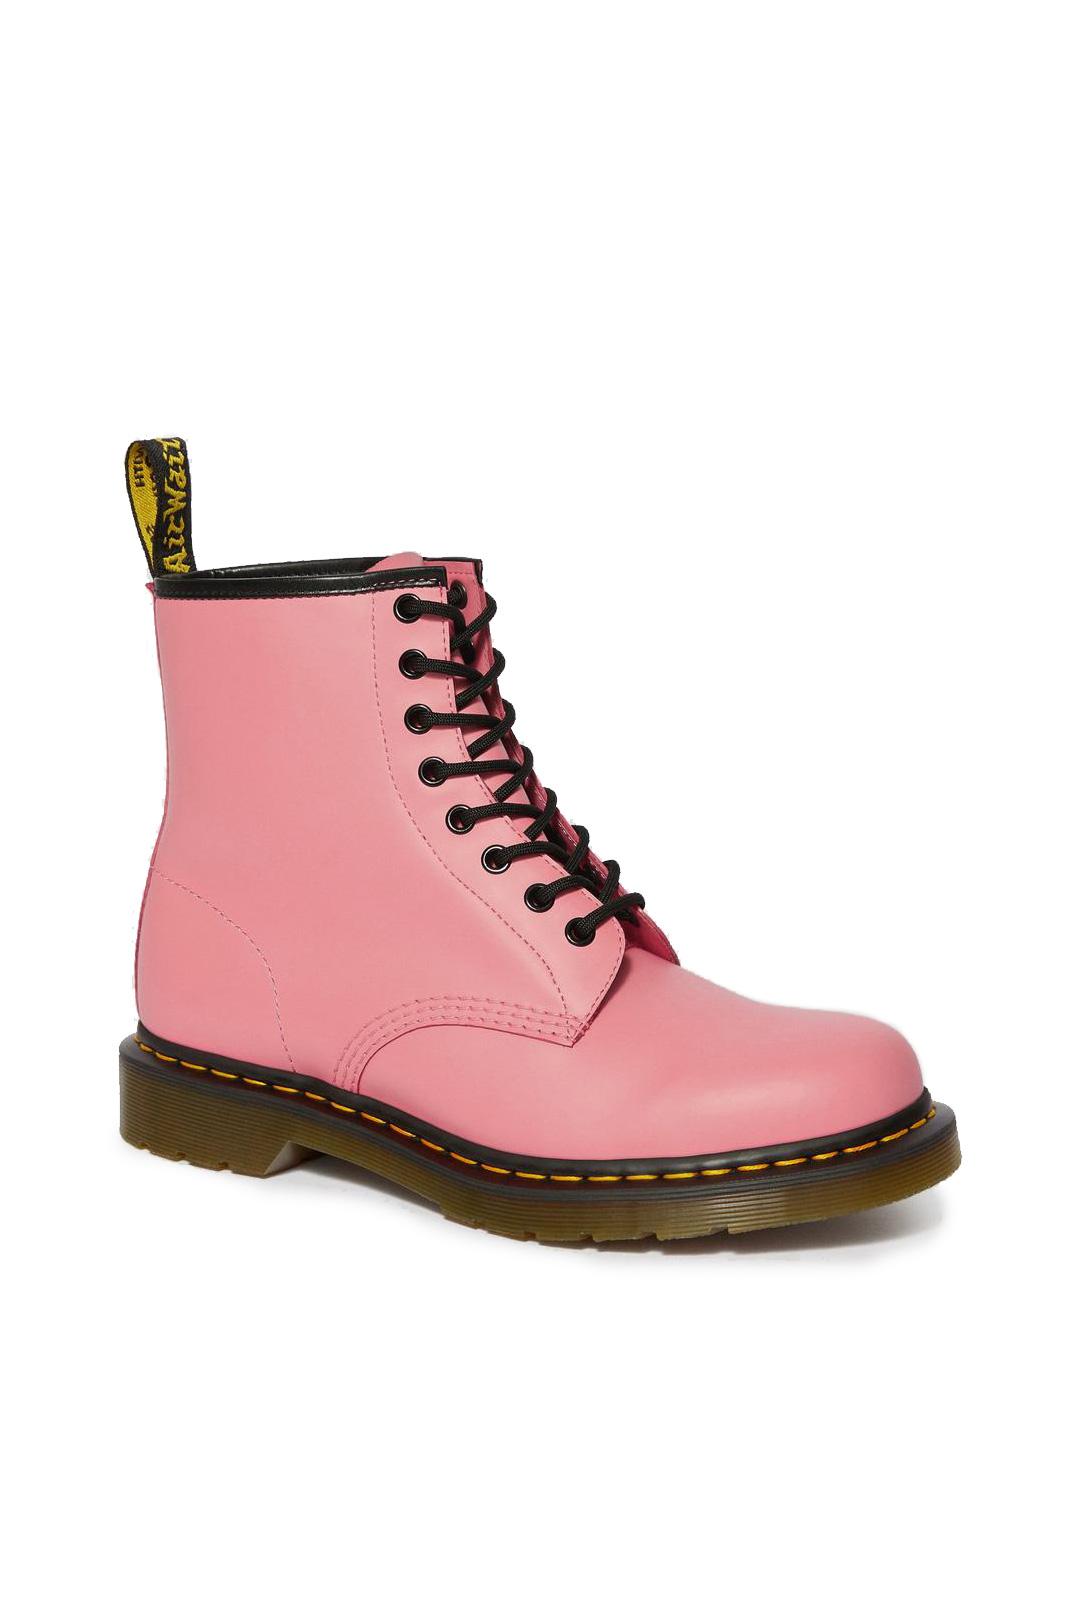 1460 8 eye Boot Acid Pink